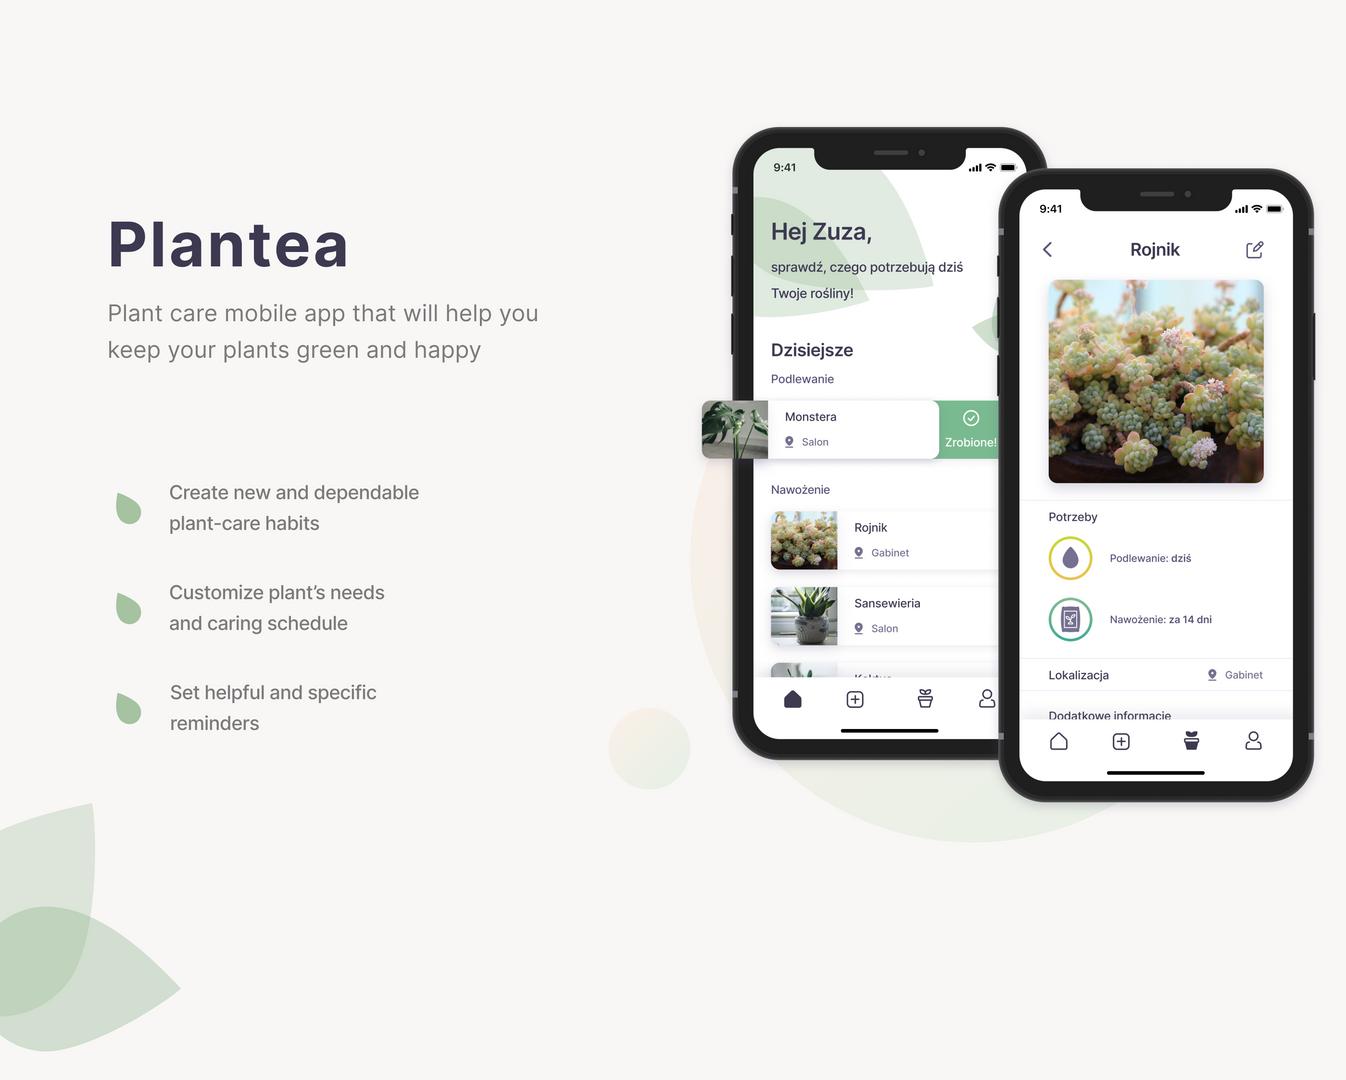 Projekt aplikacji mobilnej ułatwiającej opiekę nad roślinami.